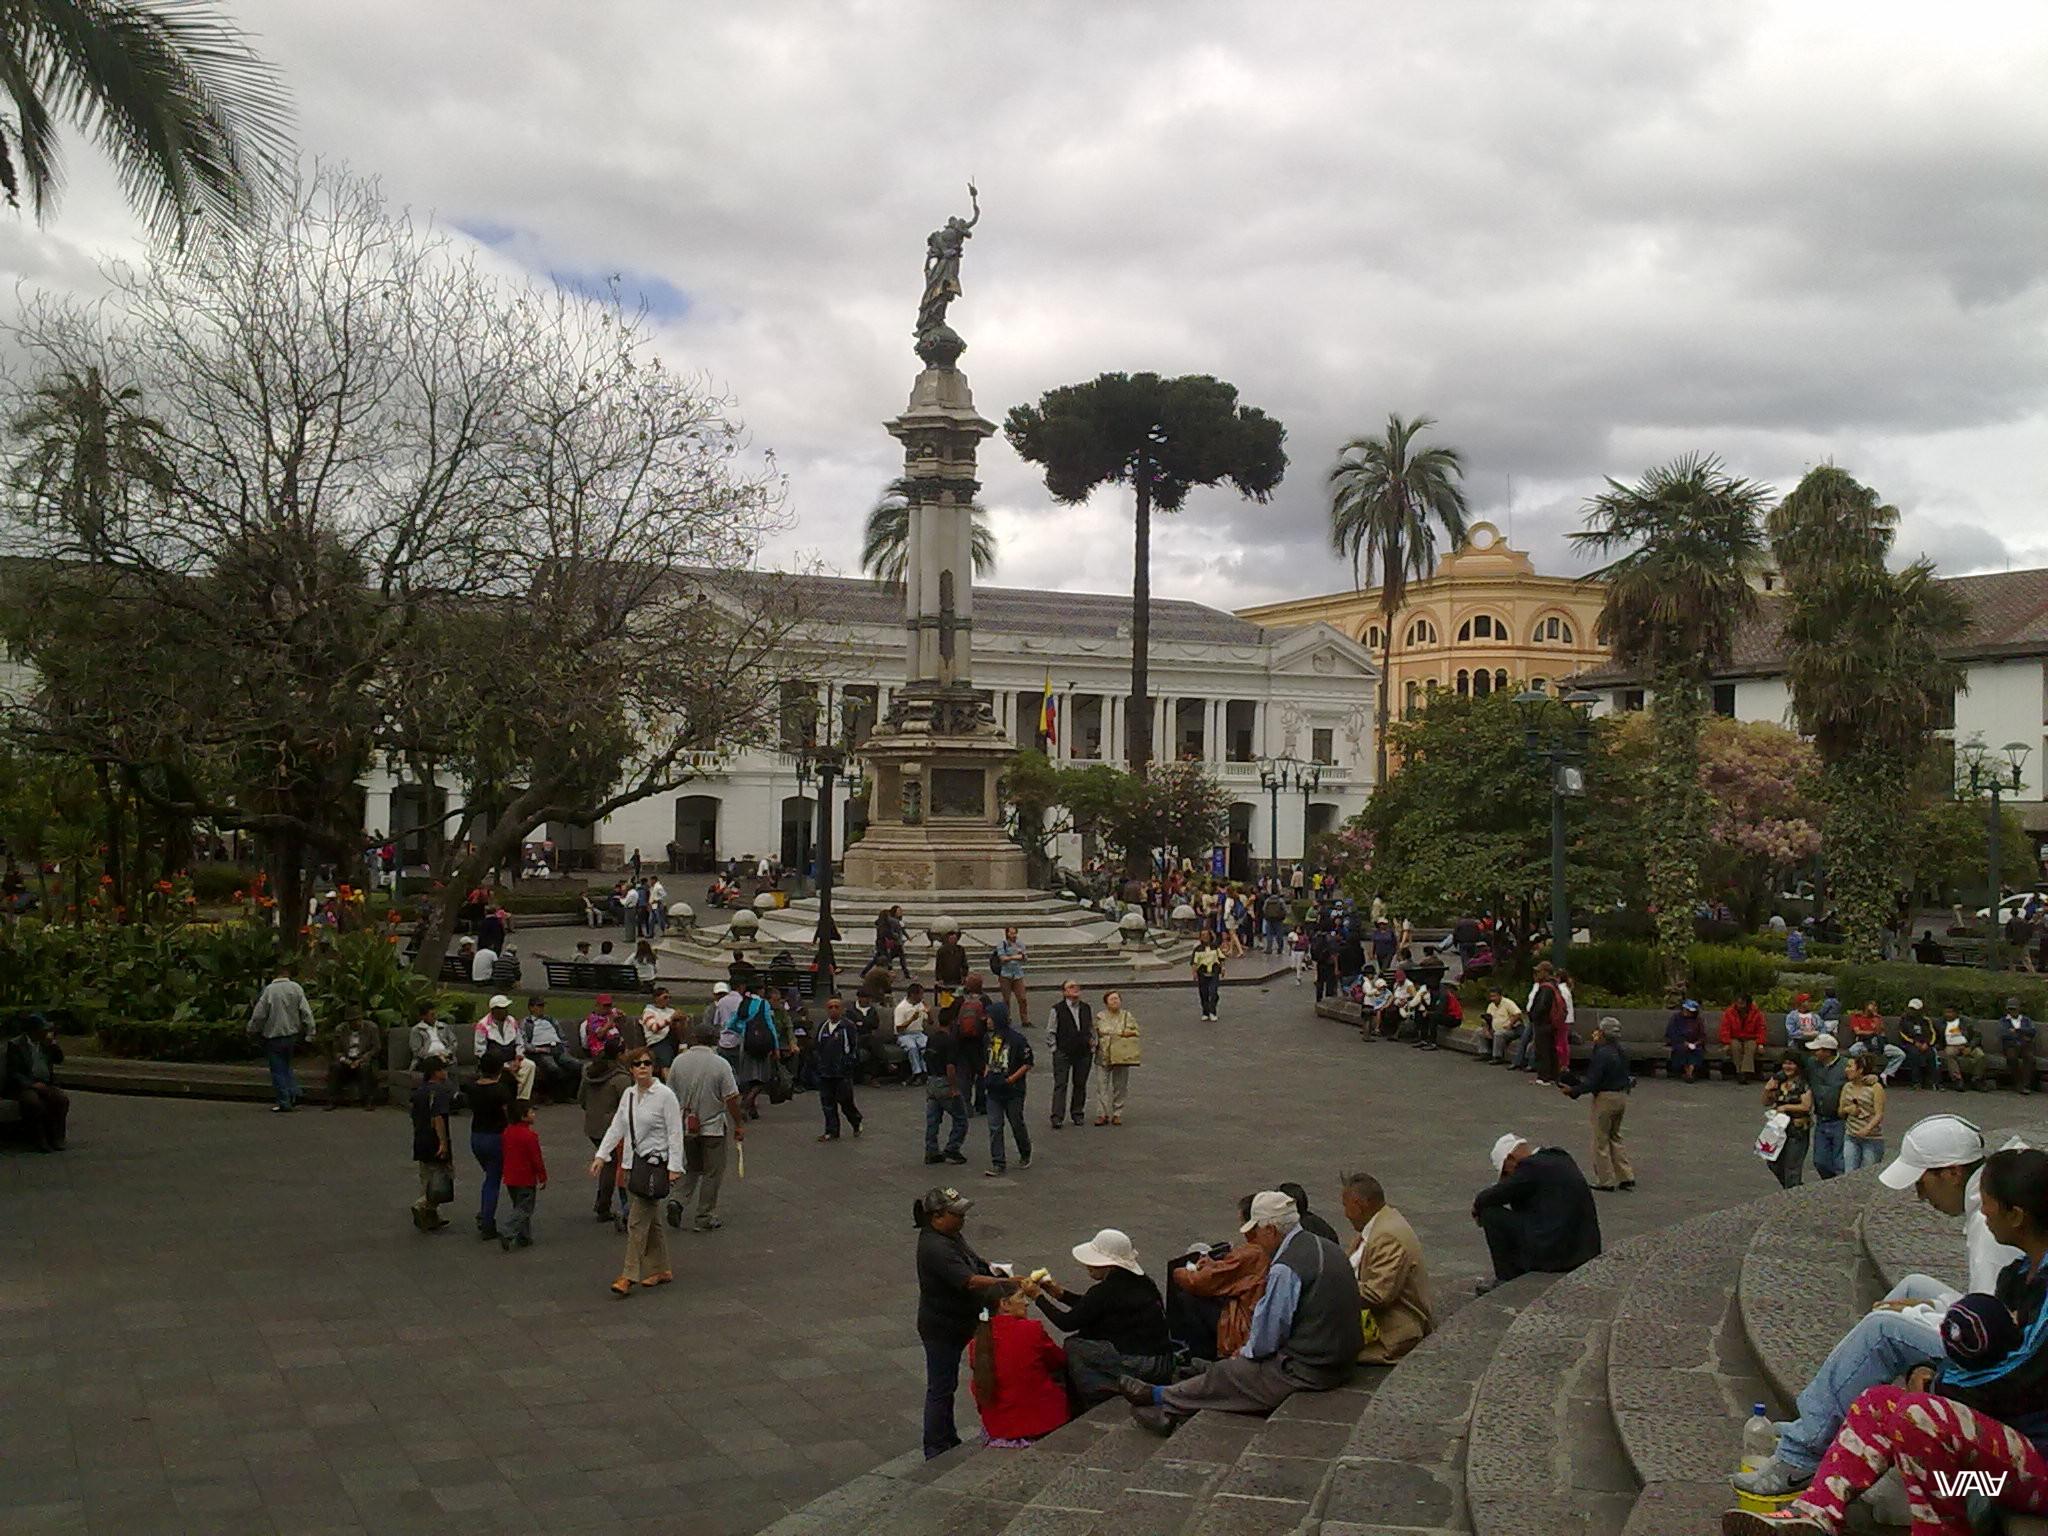 Площадь Независимости всегда полна народу. Здесь собираются местные, туристы и, конечно, торгаши. Кито, Эквадор